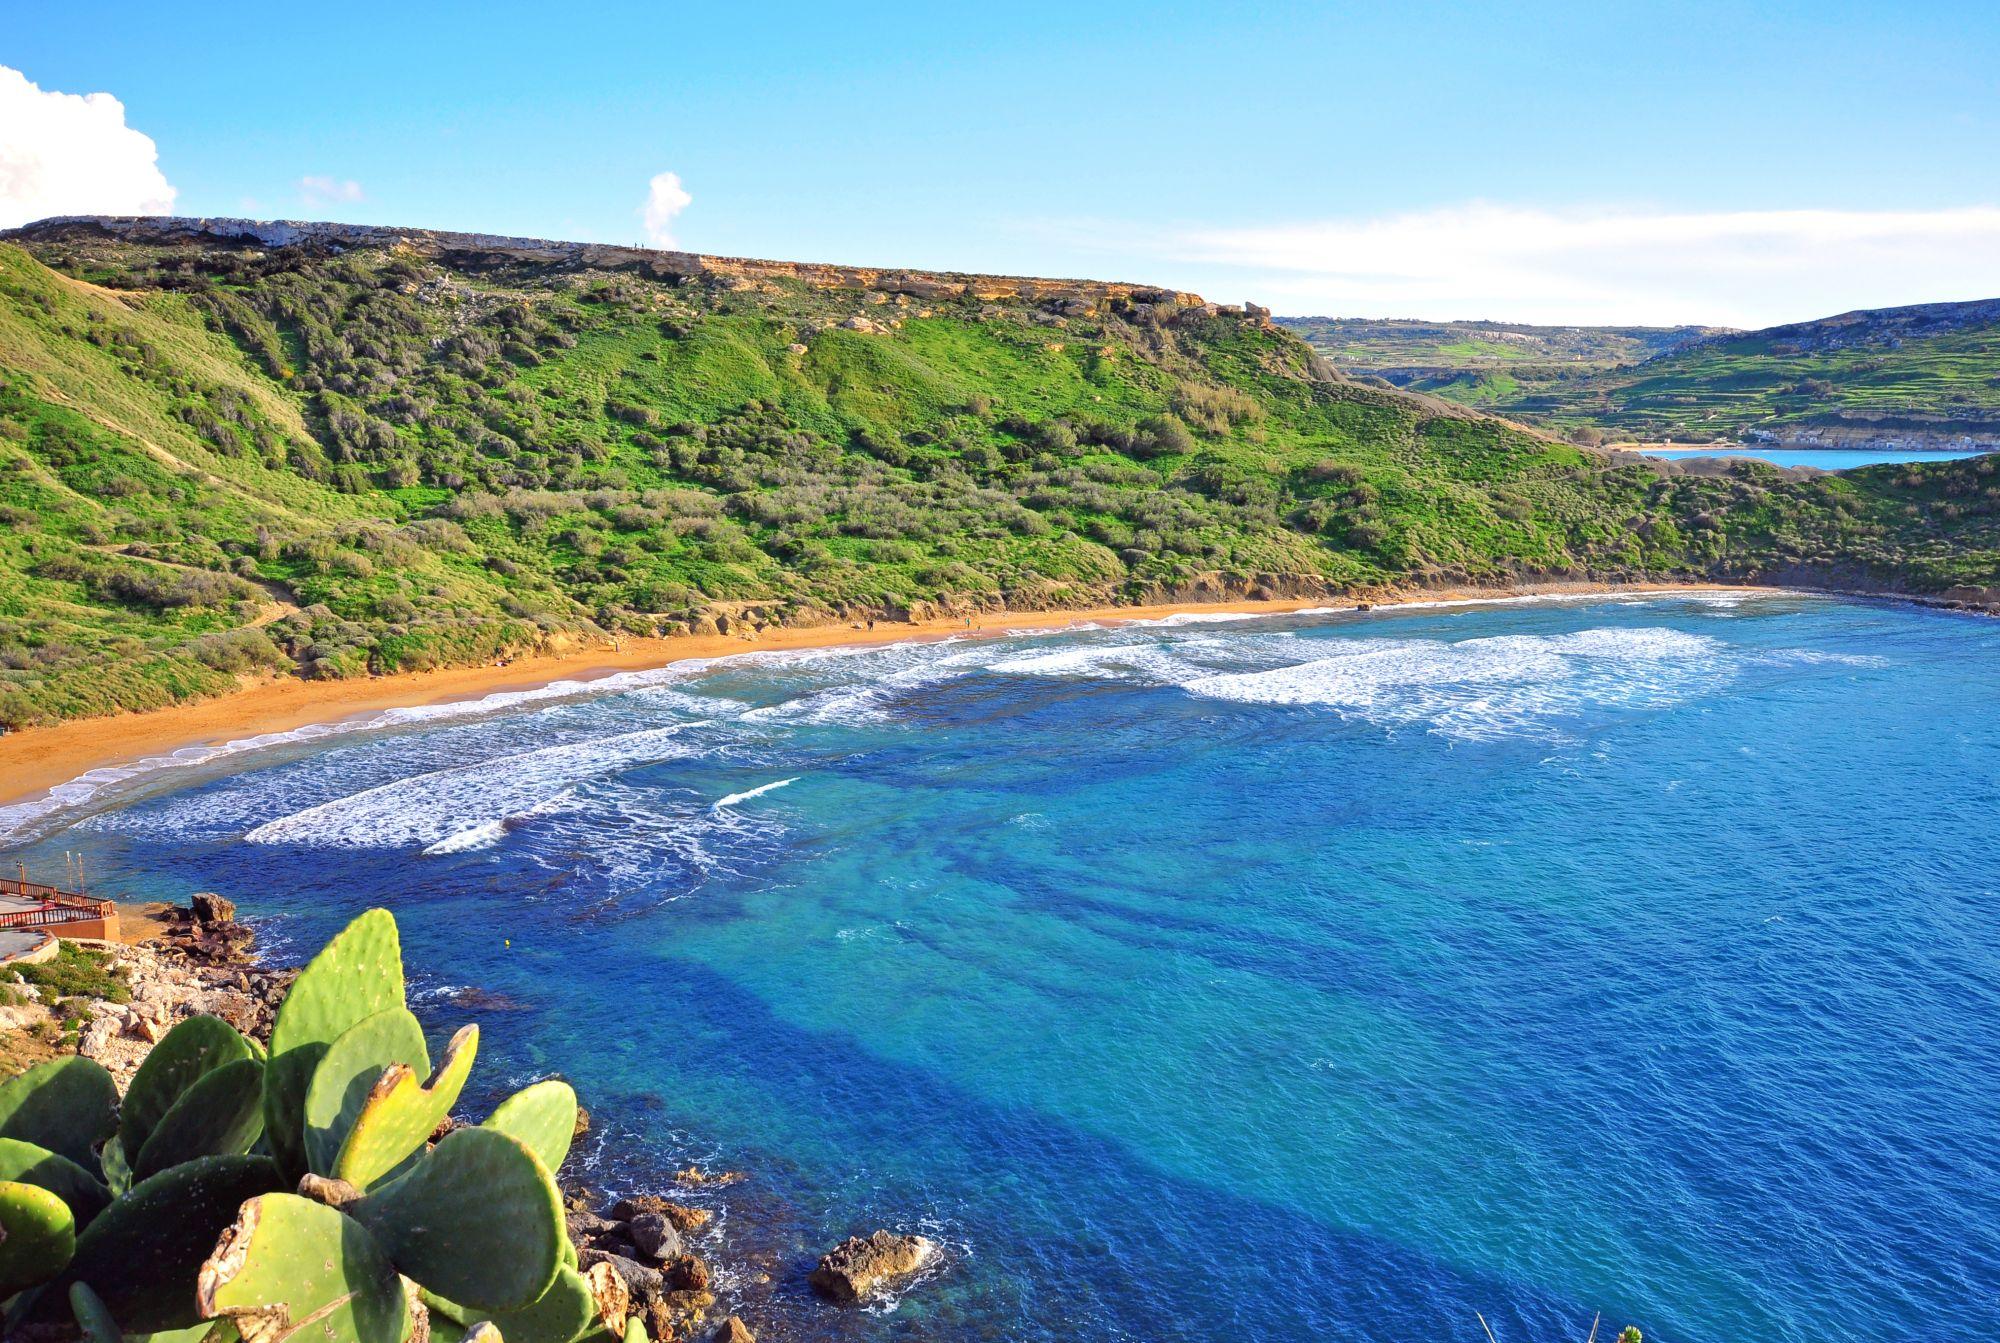 Plaża na Malcie